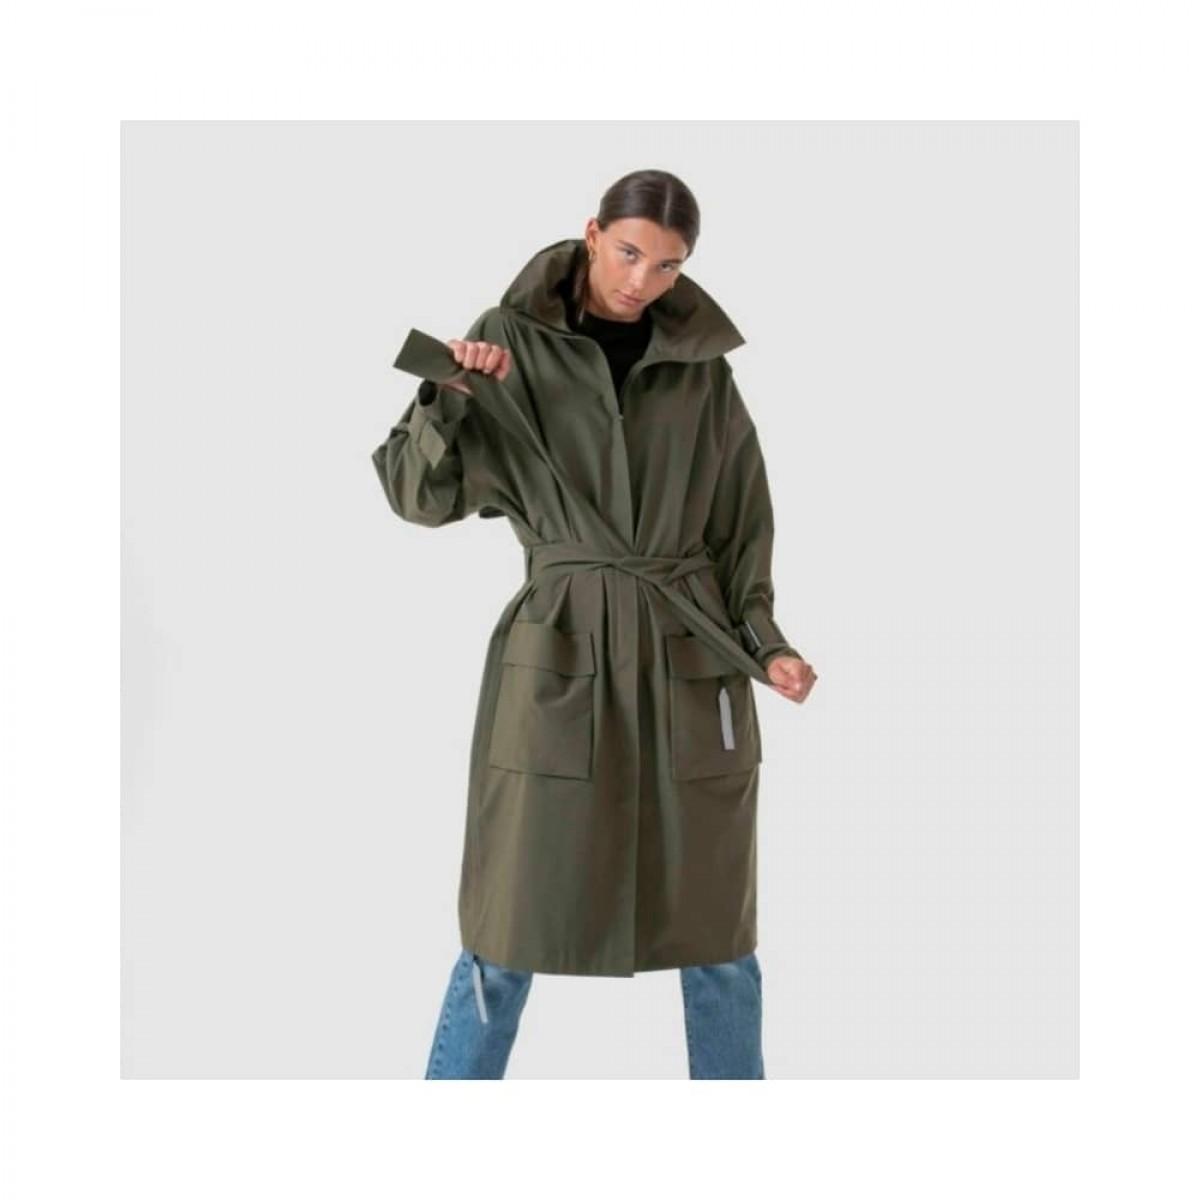 brosundet regn frakke - dark olive - model med bælte